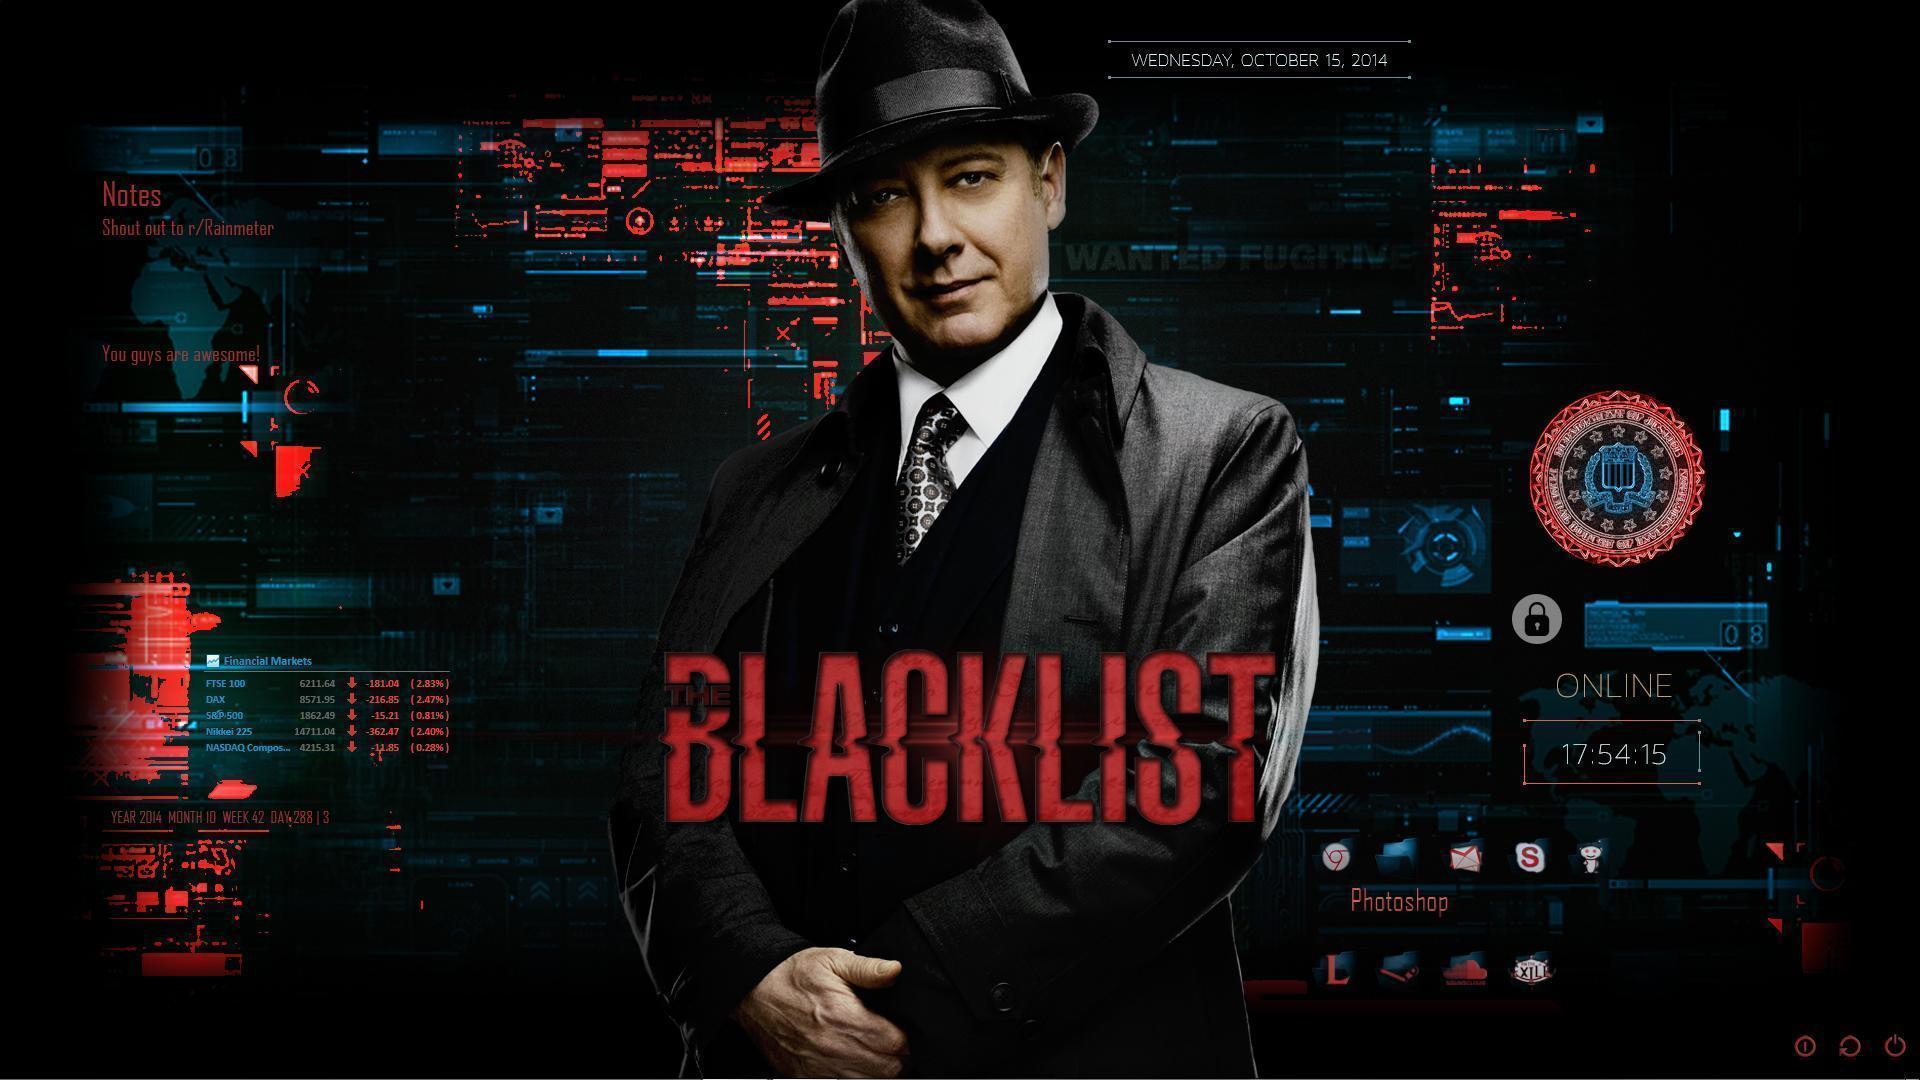 blacklist image 3